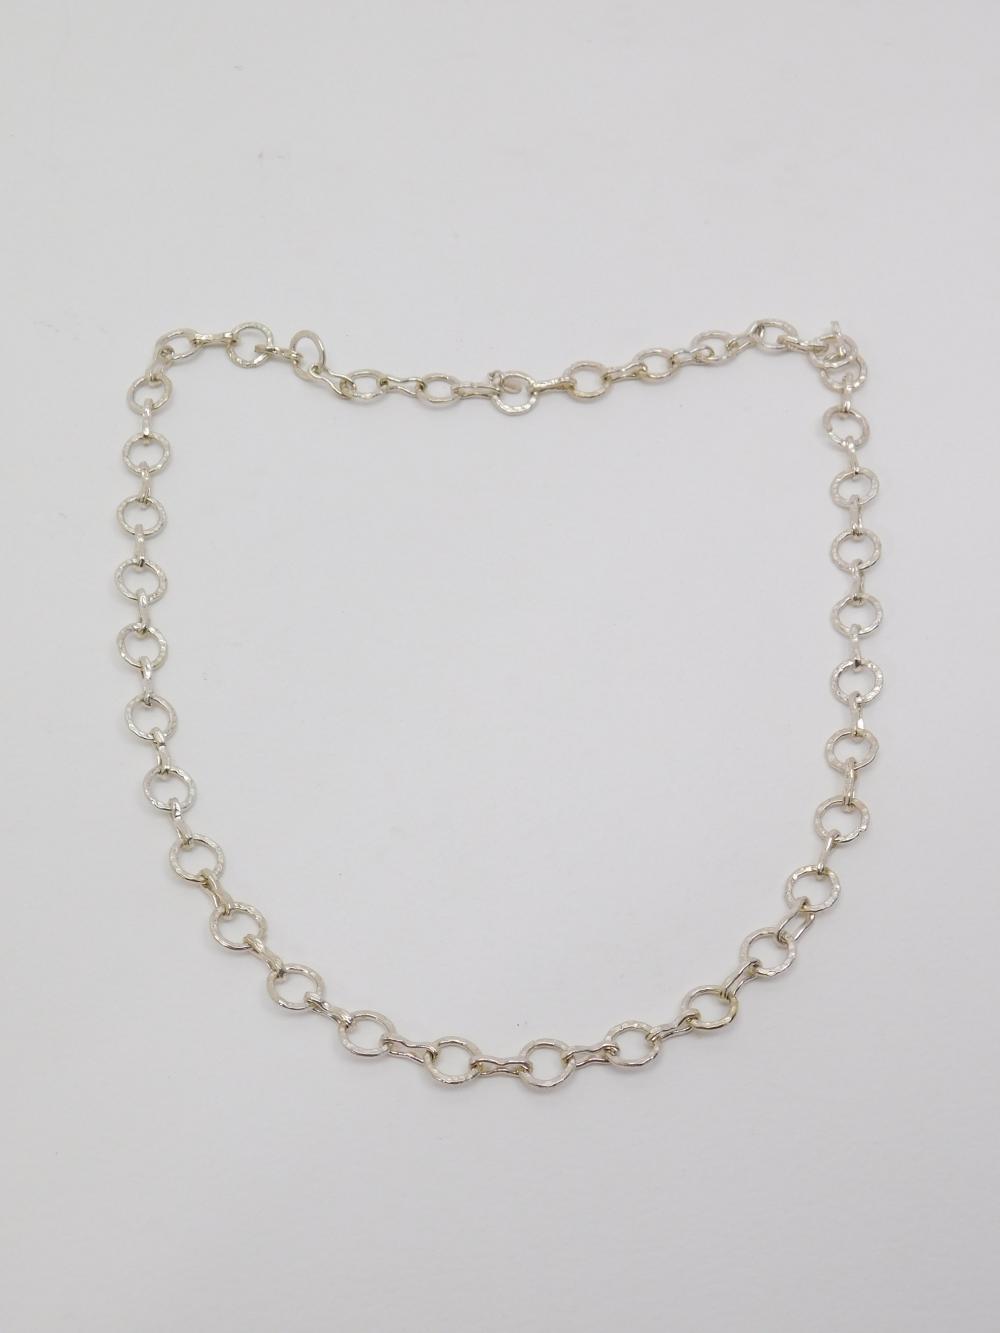 Speak! 999 Fine Silver Heavy Round Link Necklace 50G